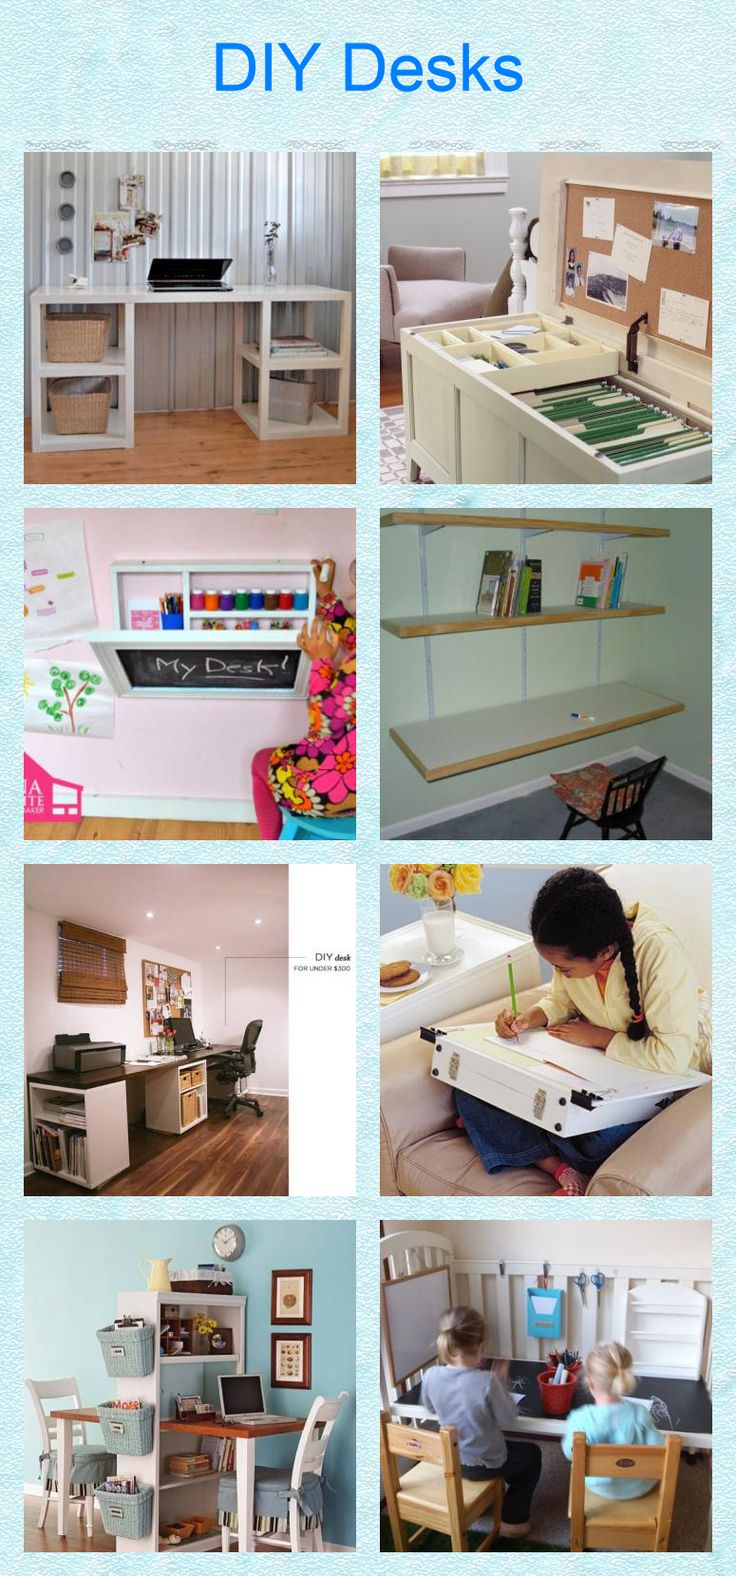 29 best images about diy kids furniture on pinterest diy for Easy diy desk